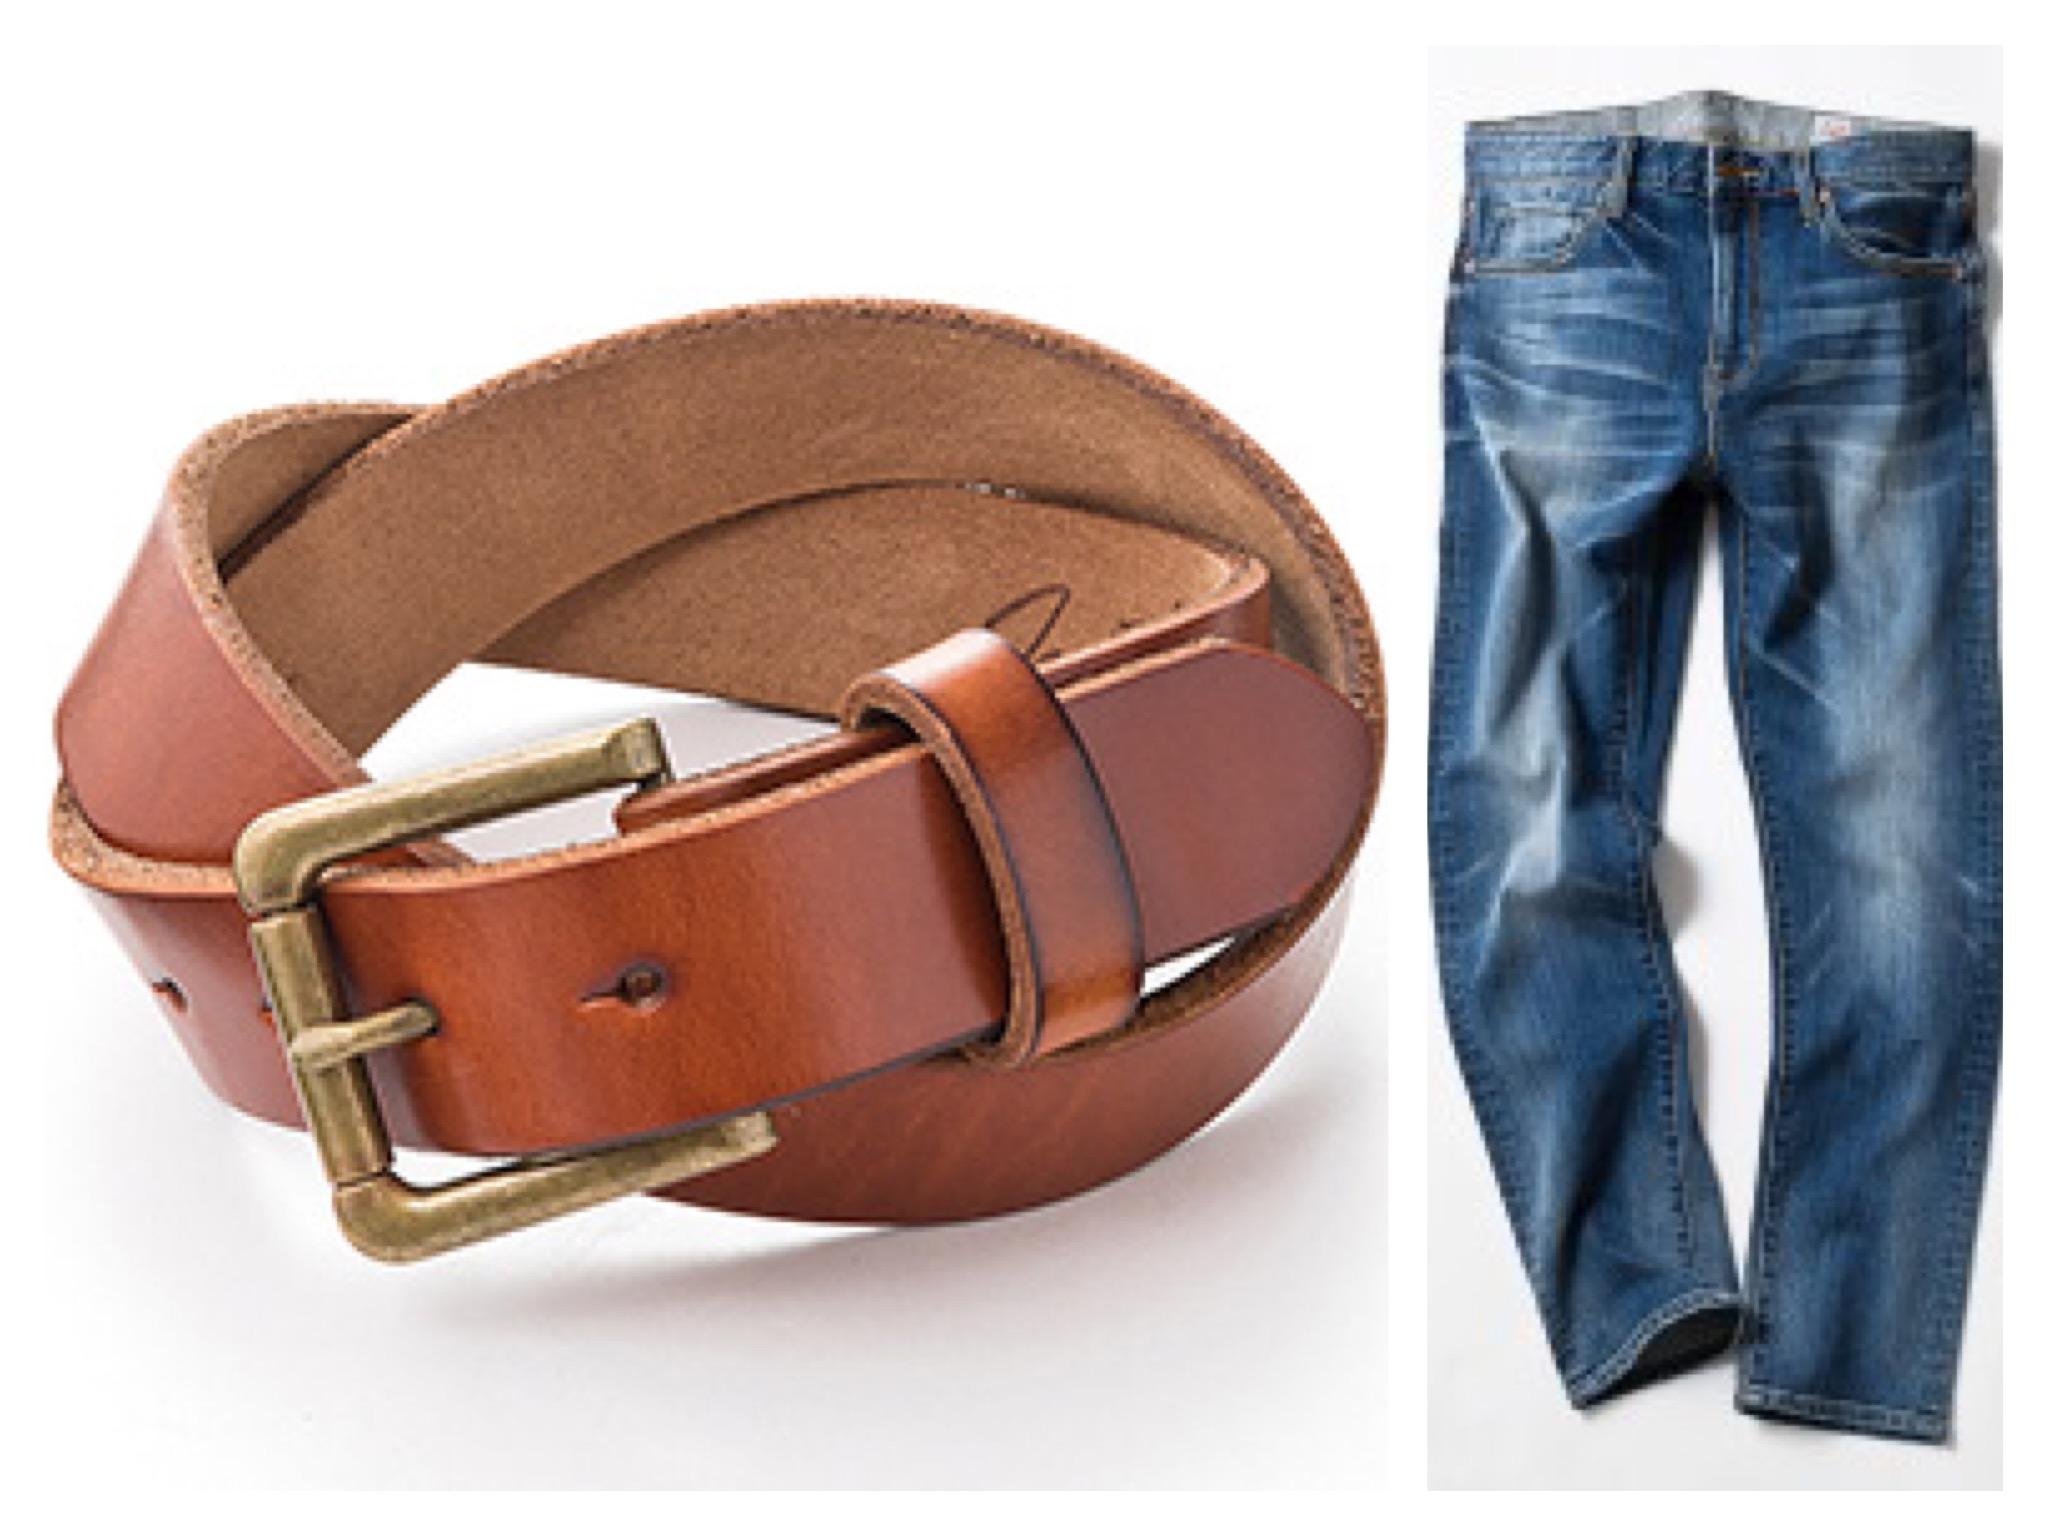 MATEシリーズのジーンズとベルトがセット買いで¥1,000引き!